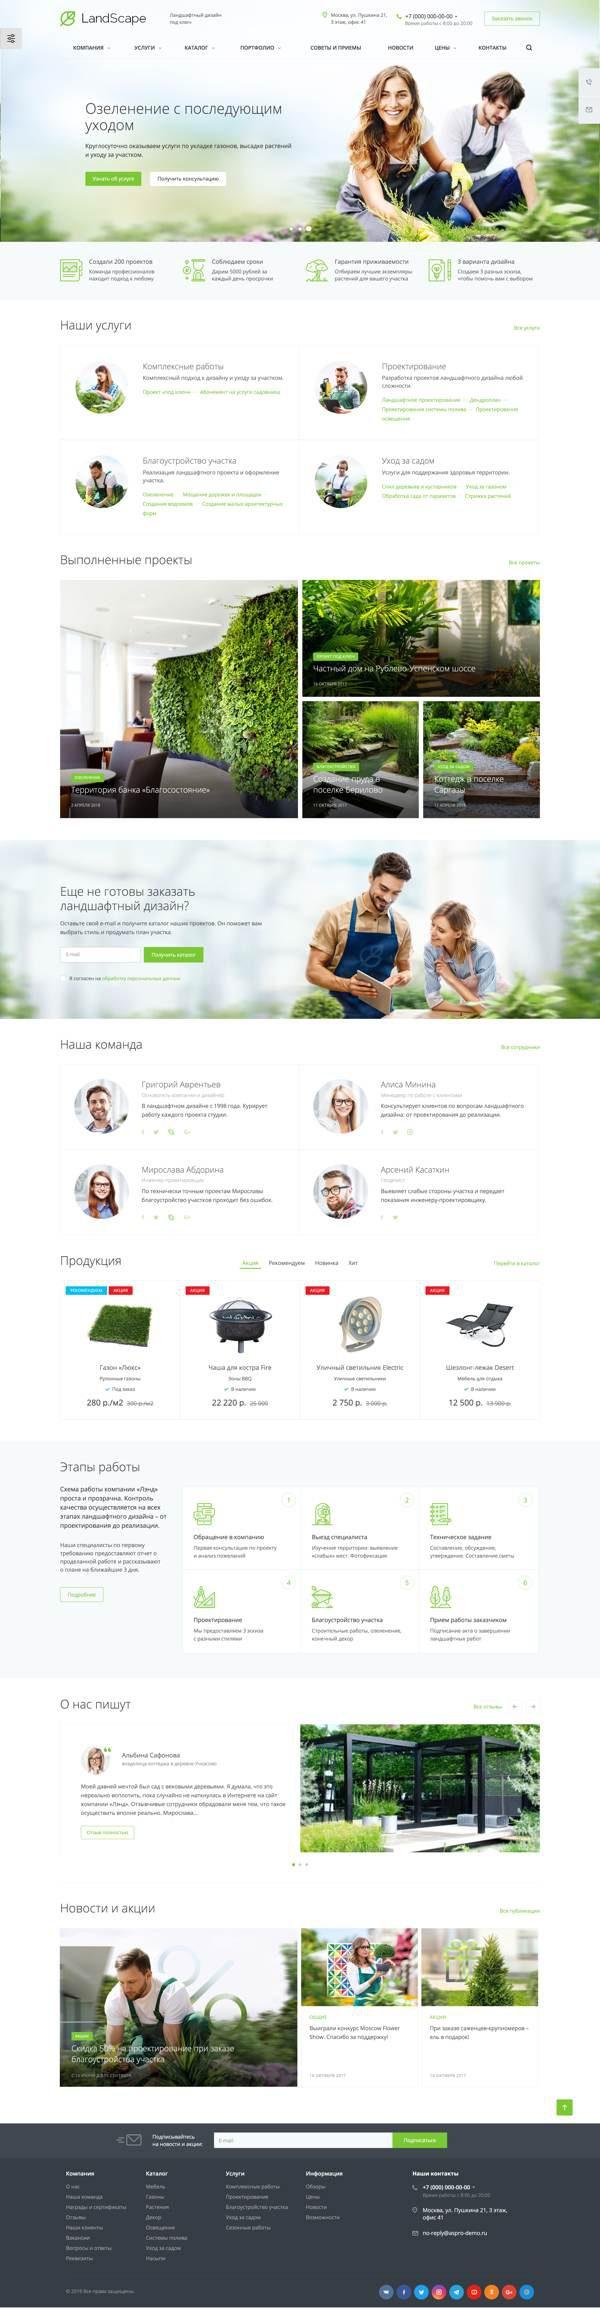 Готовый сайт. Ландшафт – благоустройство и проектирование